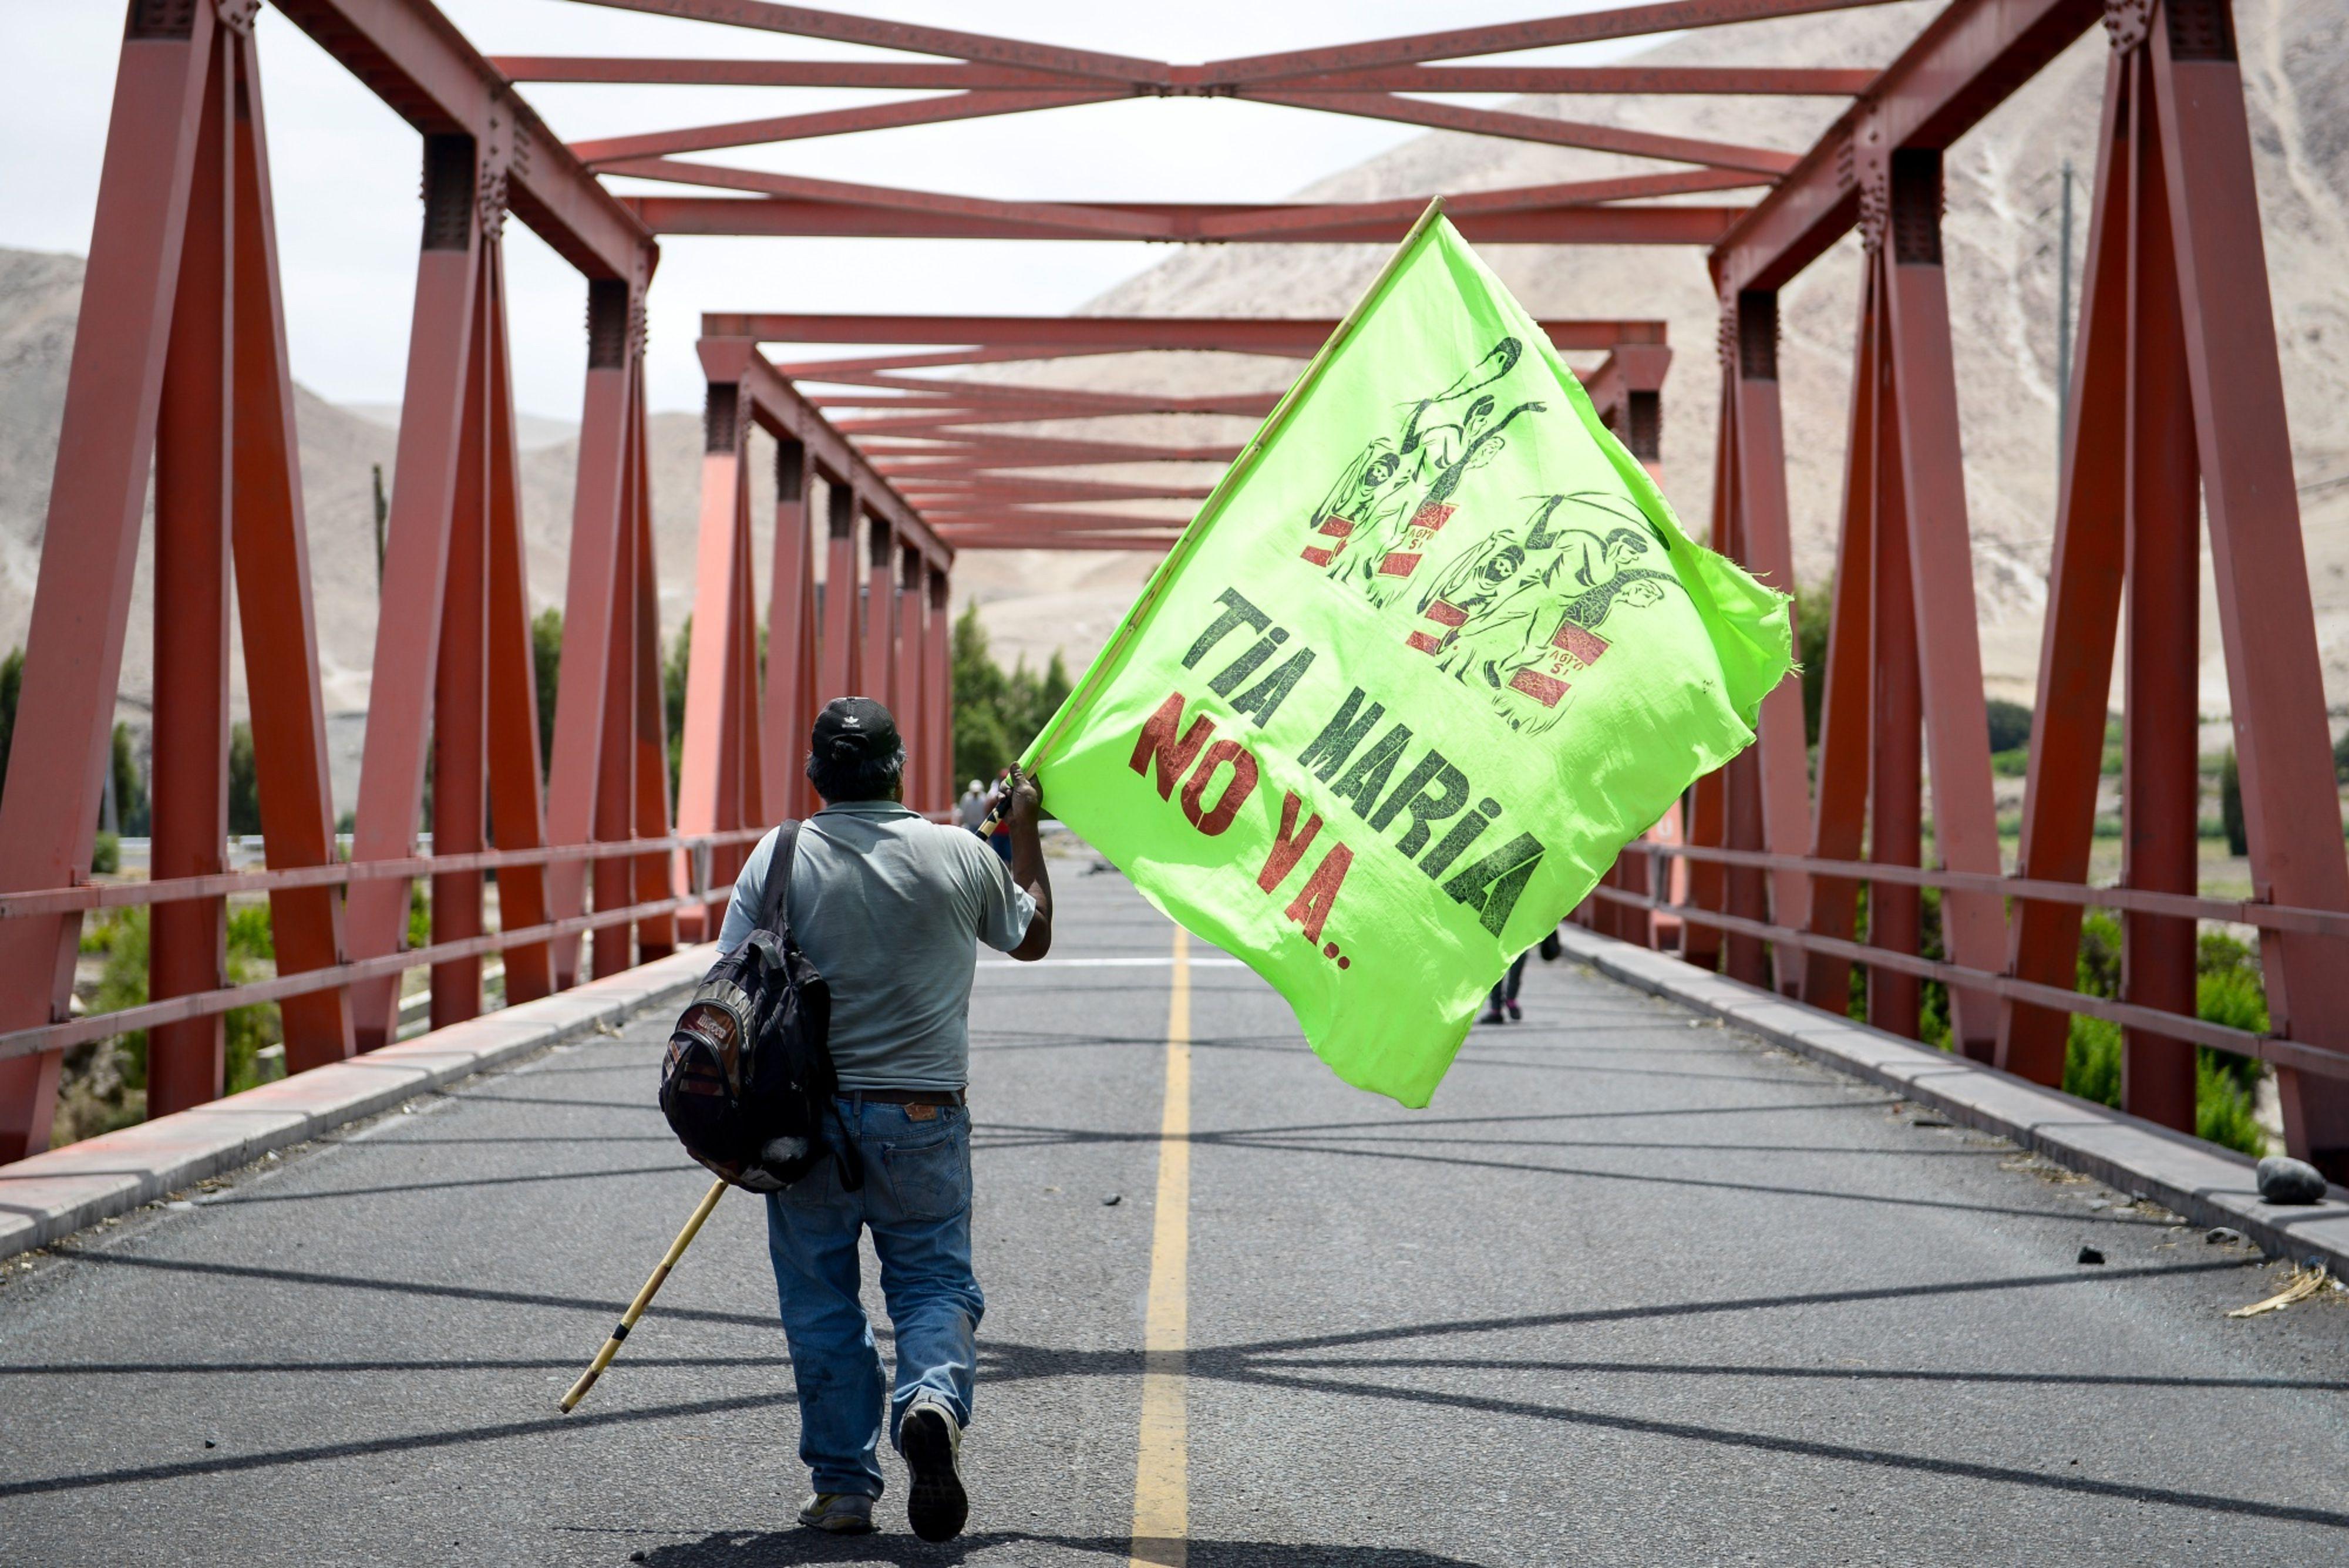 Juan Galdos Quispe, porta-voz dos protestos contra o projeto de mineração Tia Maria, em Arequipa, Peru | Foto: Miguel Yovera/Bloomberg